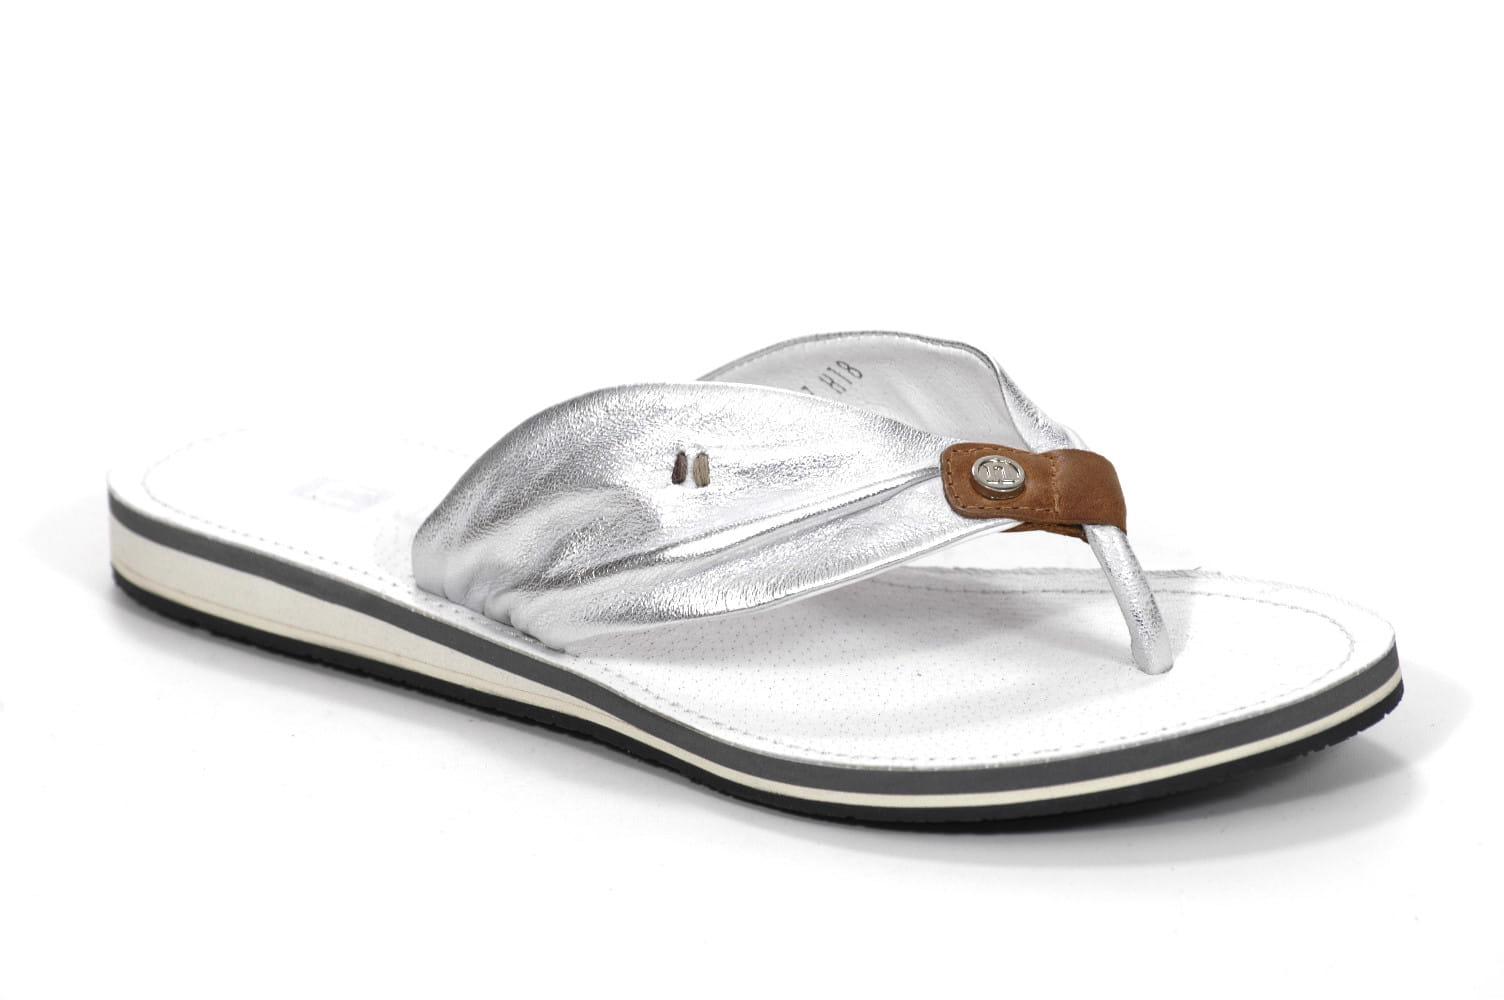 5707435dfc776 Japonki Nessi 49504 Srebrne Butybuk - internetowy sklep obuwniczy ...